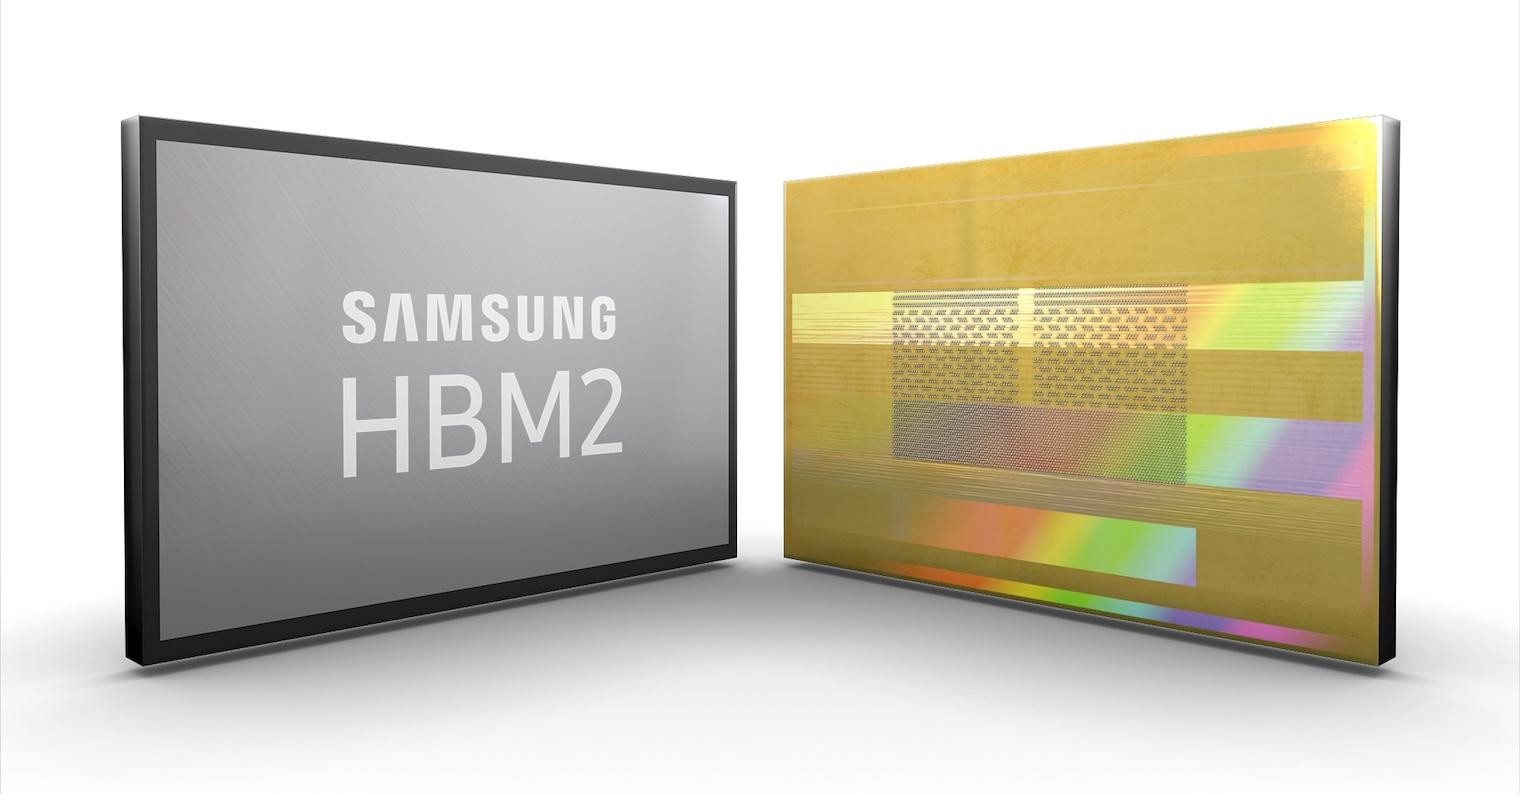 SAMSUNG-HBM2_C FB